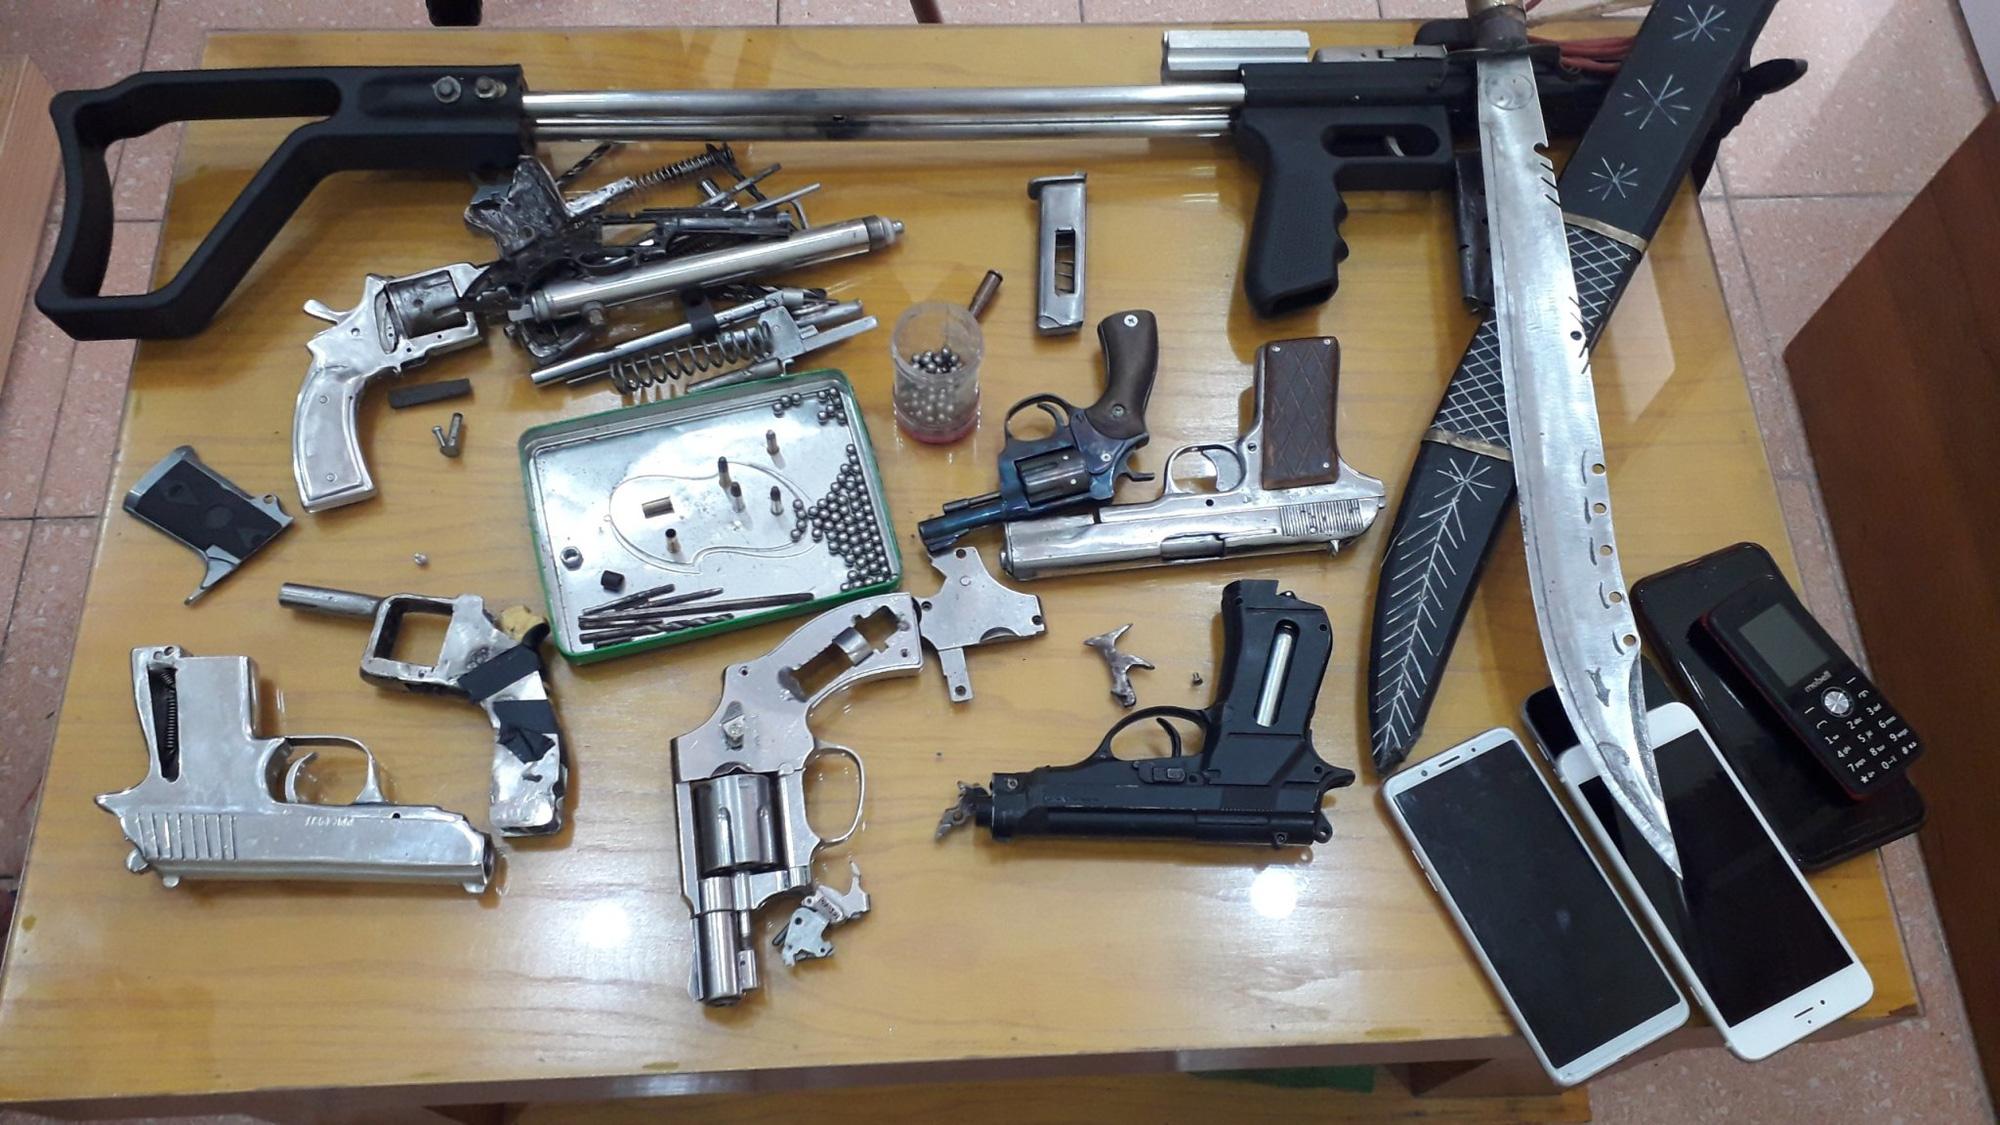 Quảng Ninh: Khởi tố 2 đối tượng mua bán ma túy, vũ khí quân dụng - Ảnh 2.